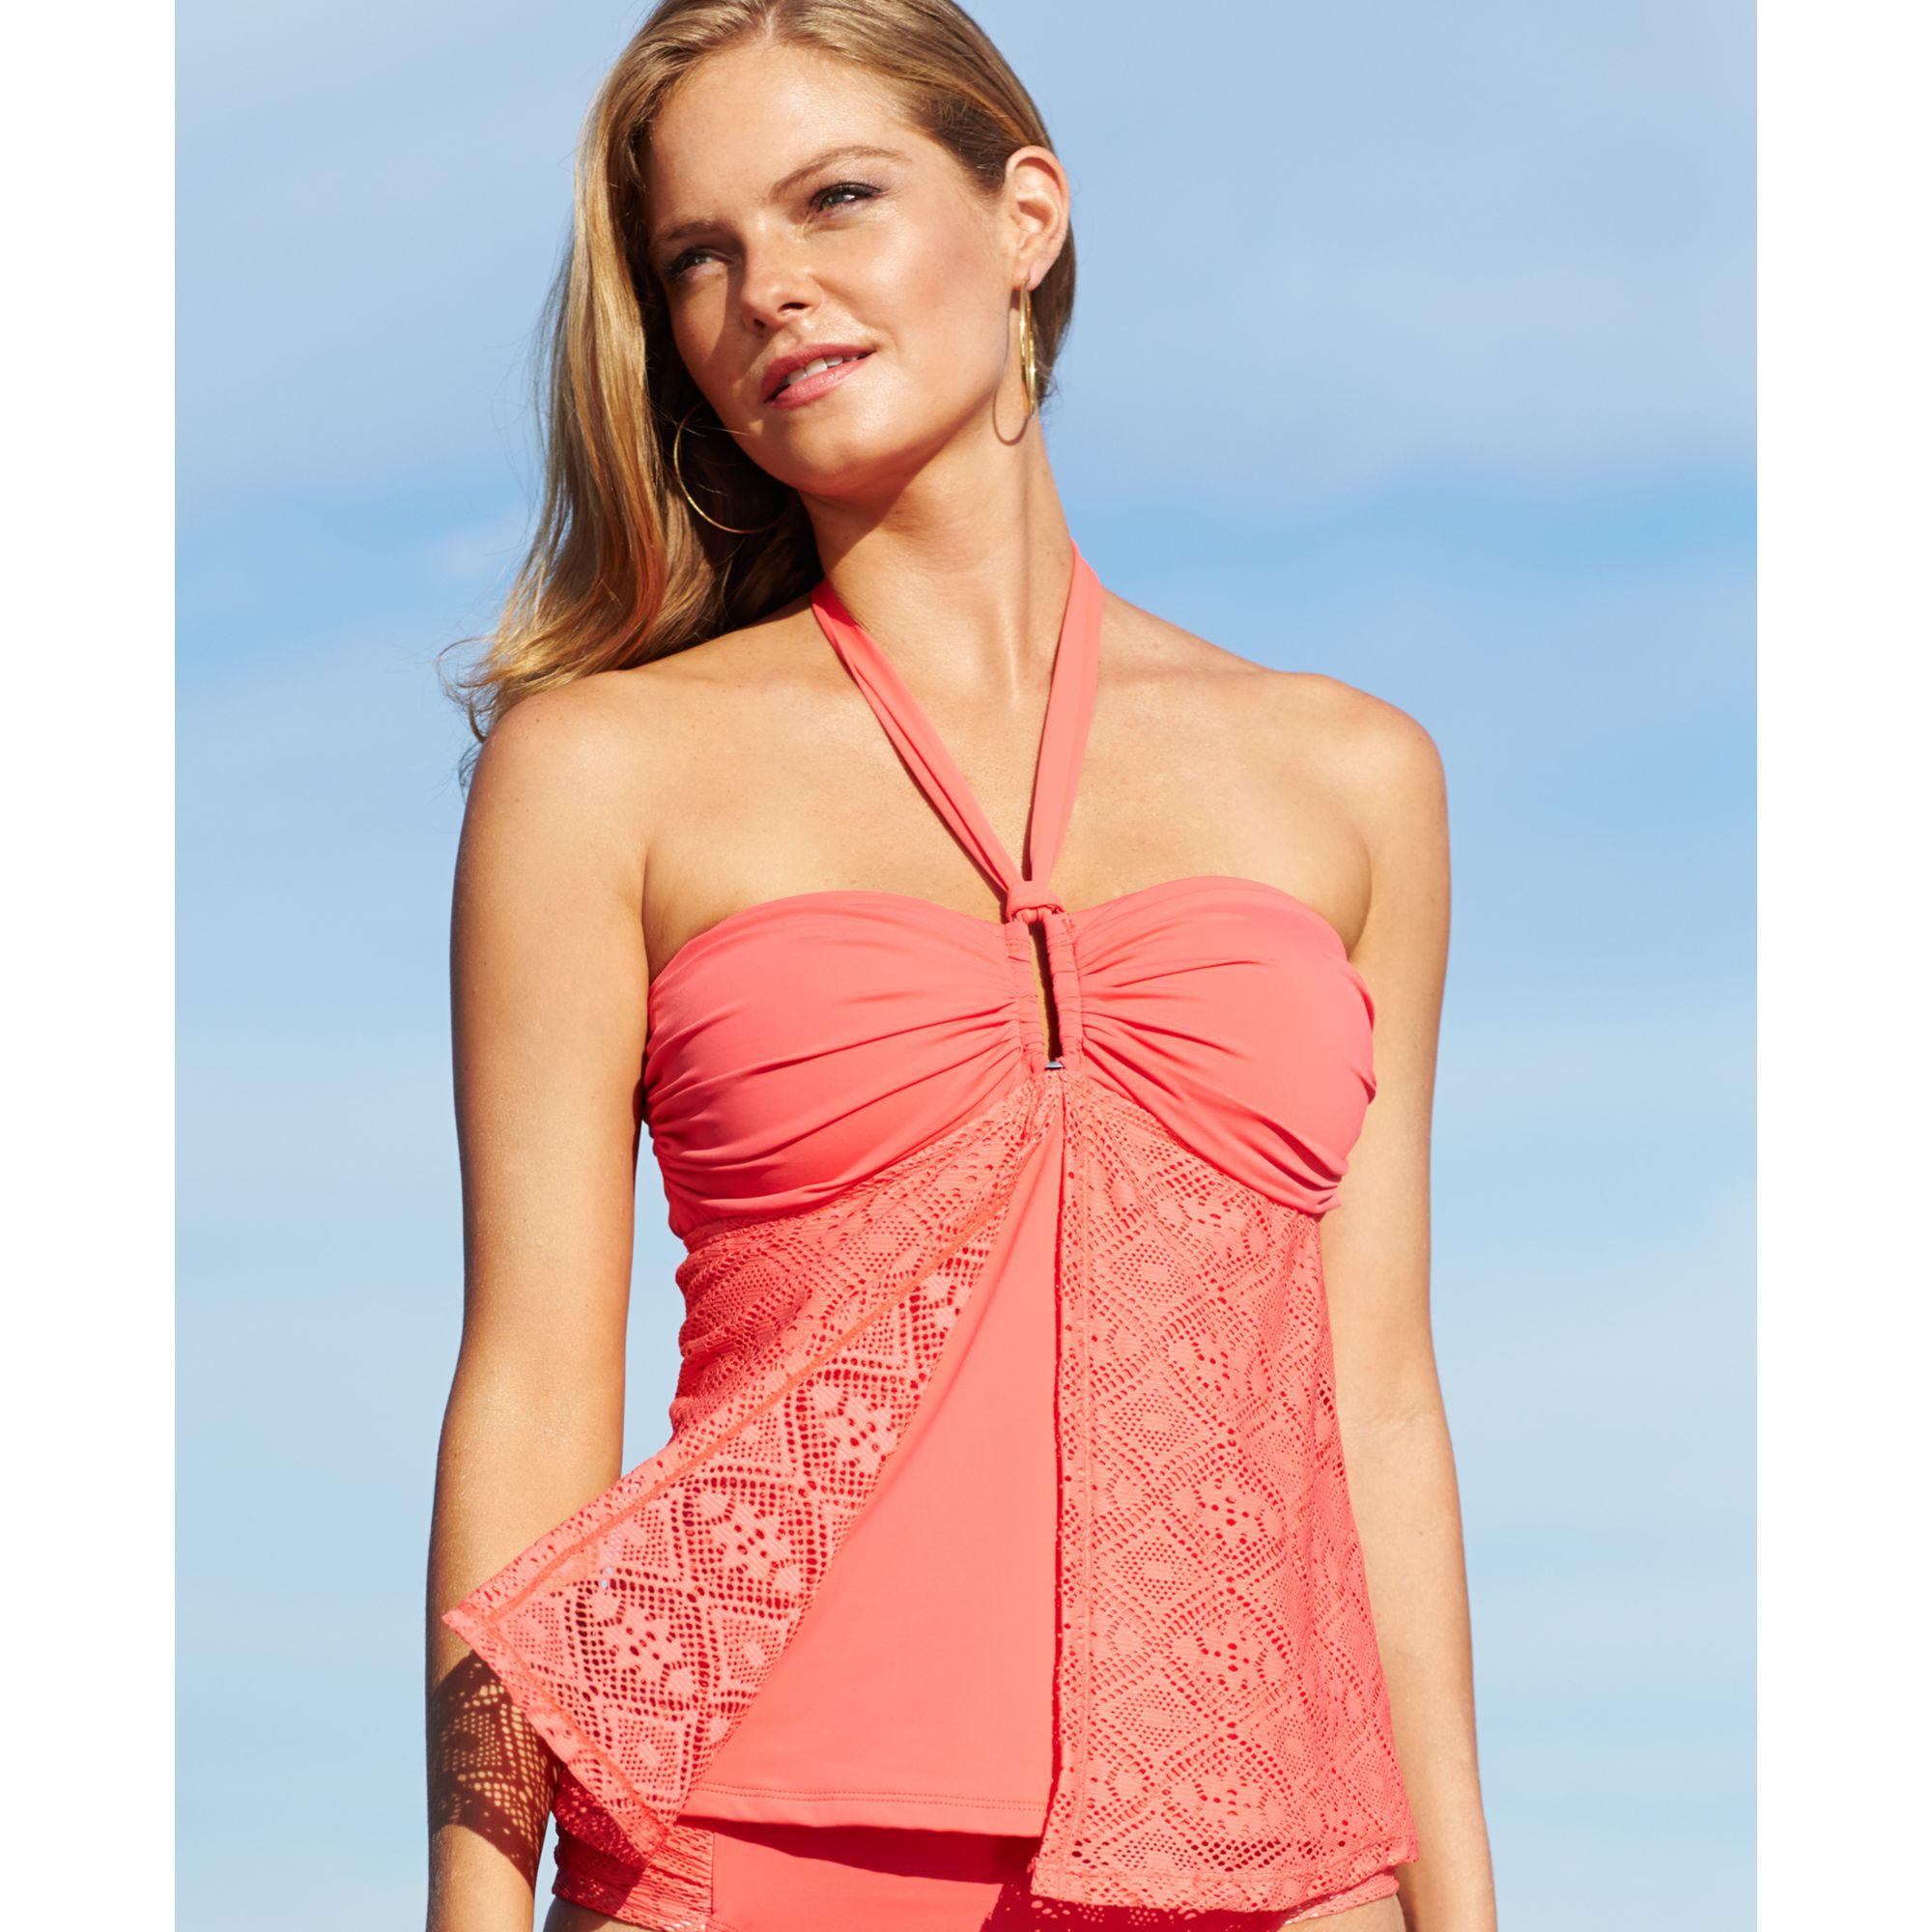 Topshop womens clothing fashion 32